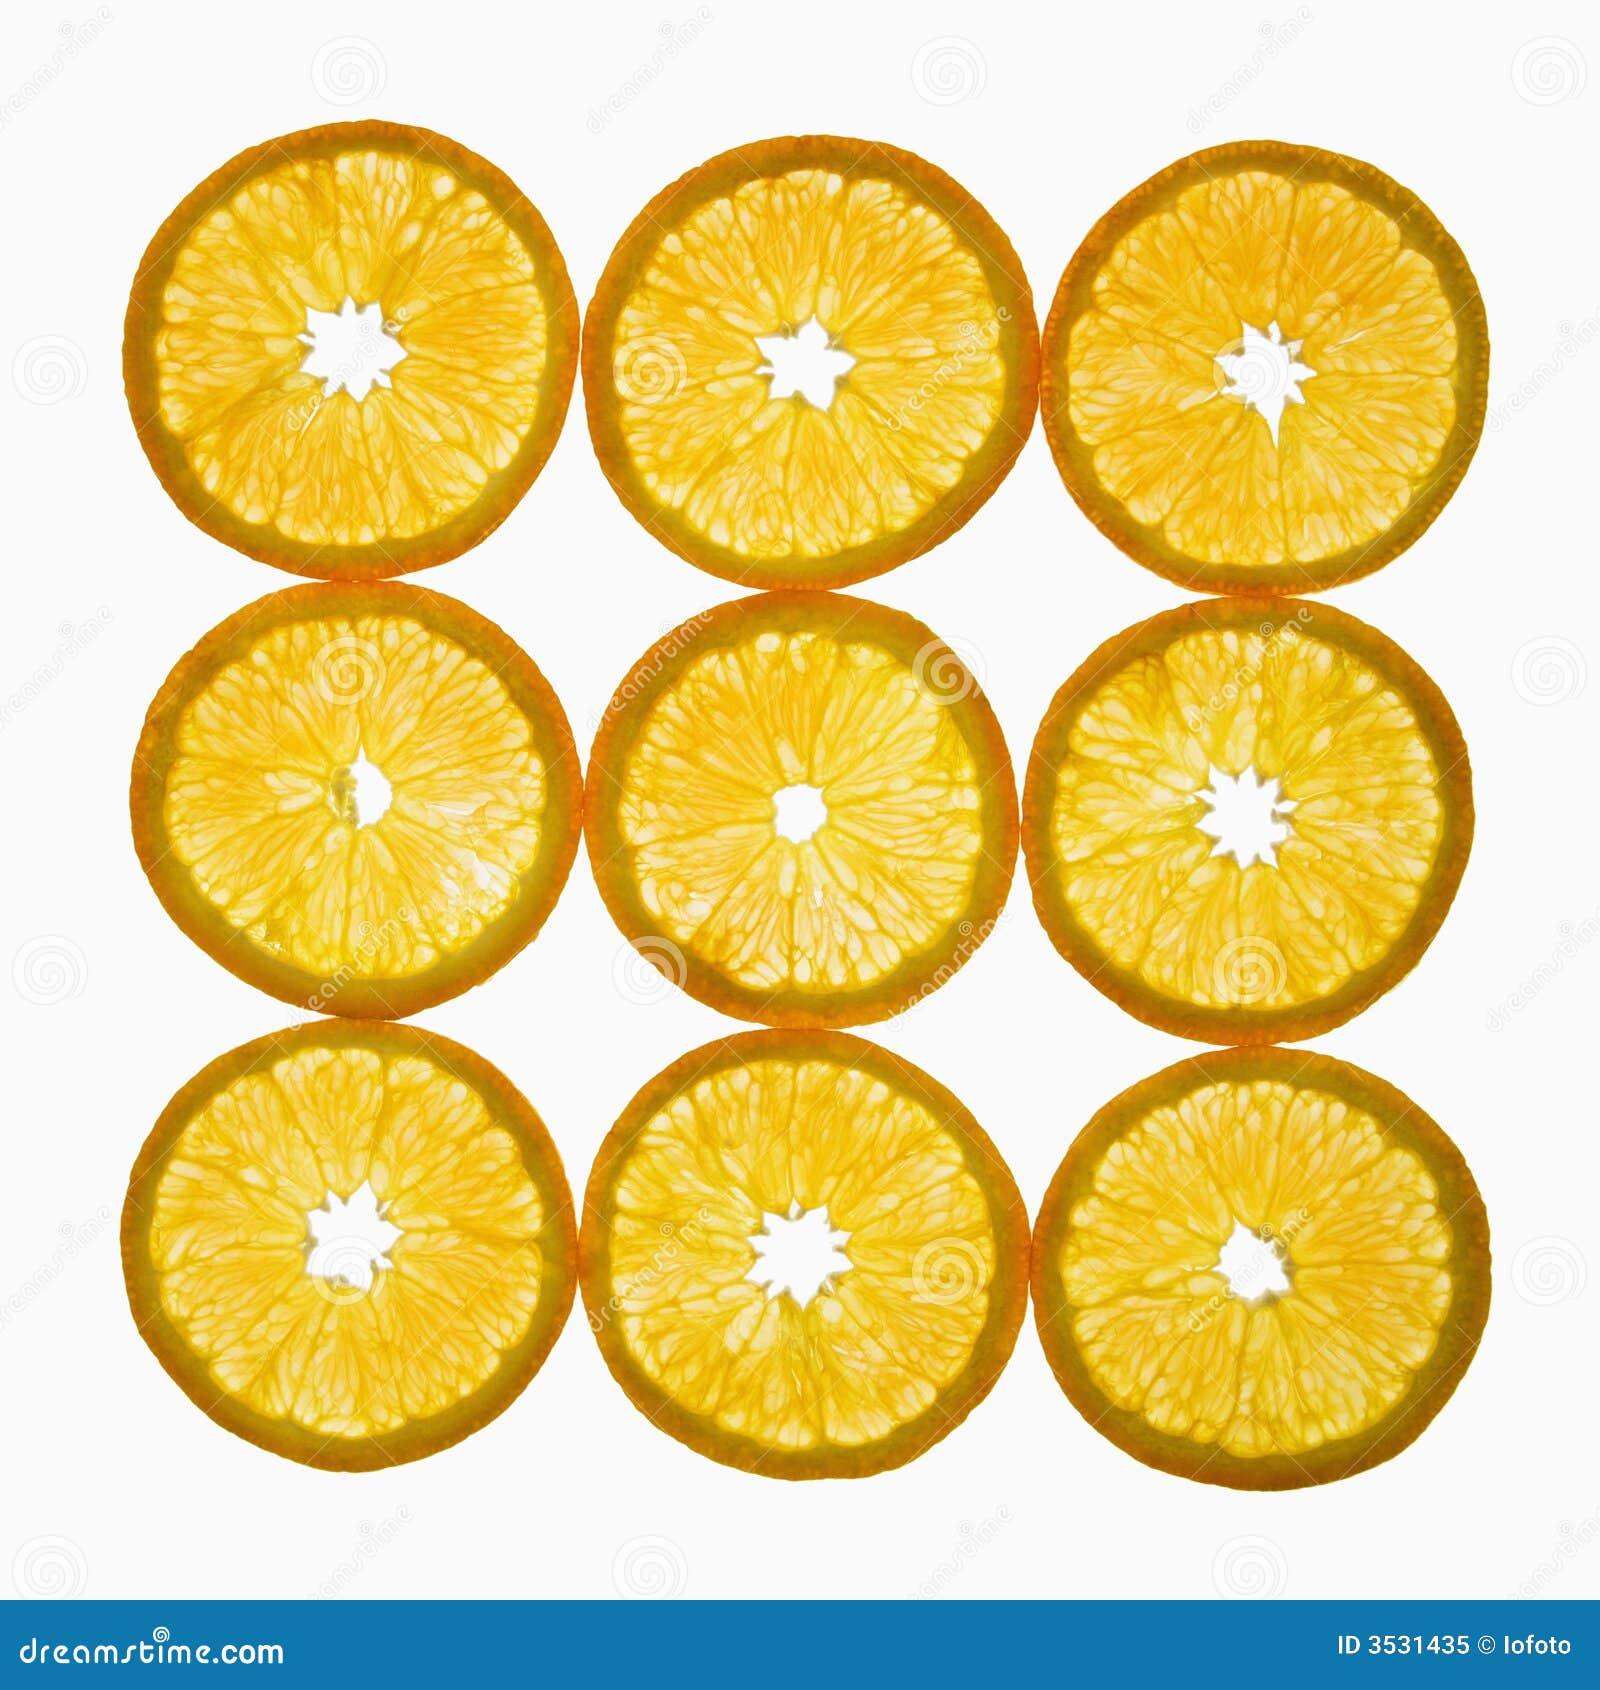 Parts oranges.